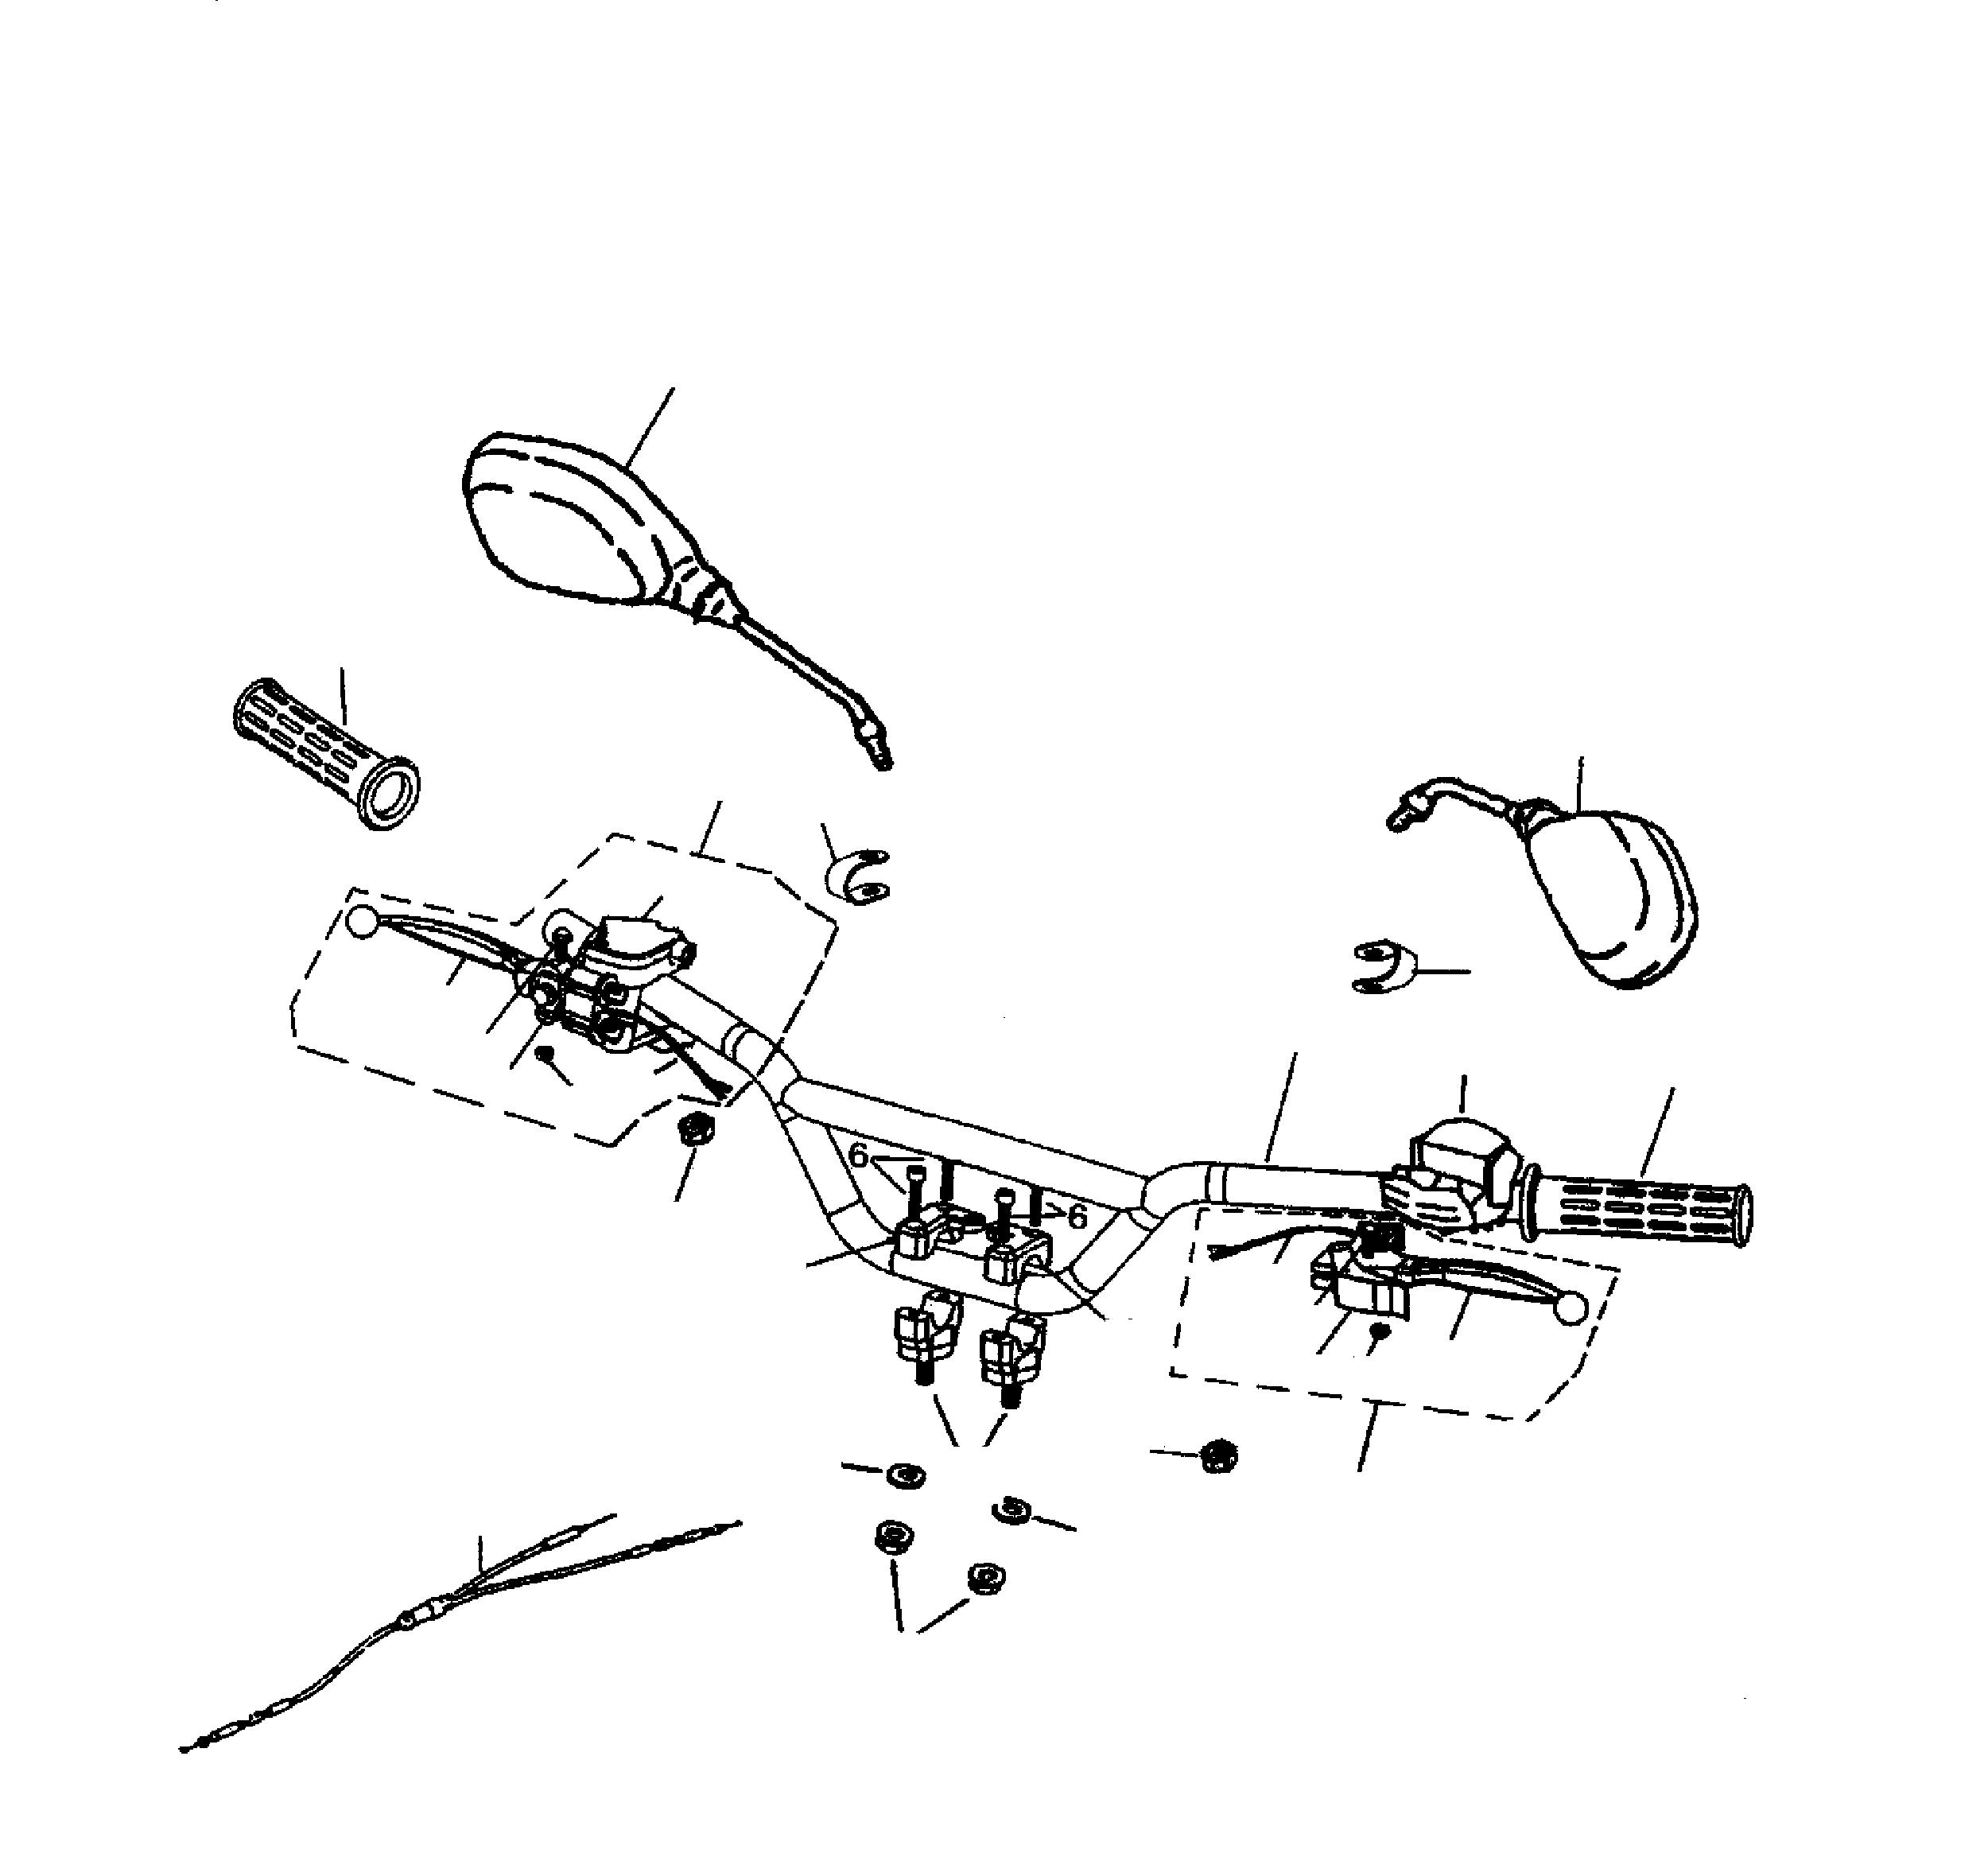 Züge, Lenker, Spiegel